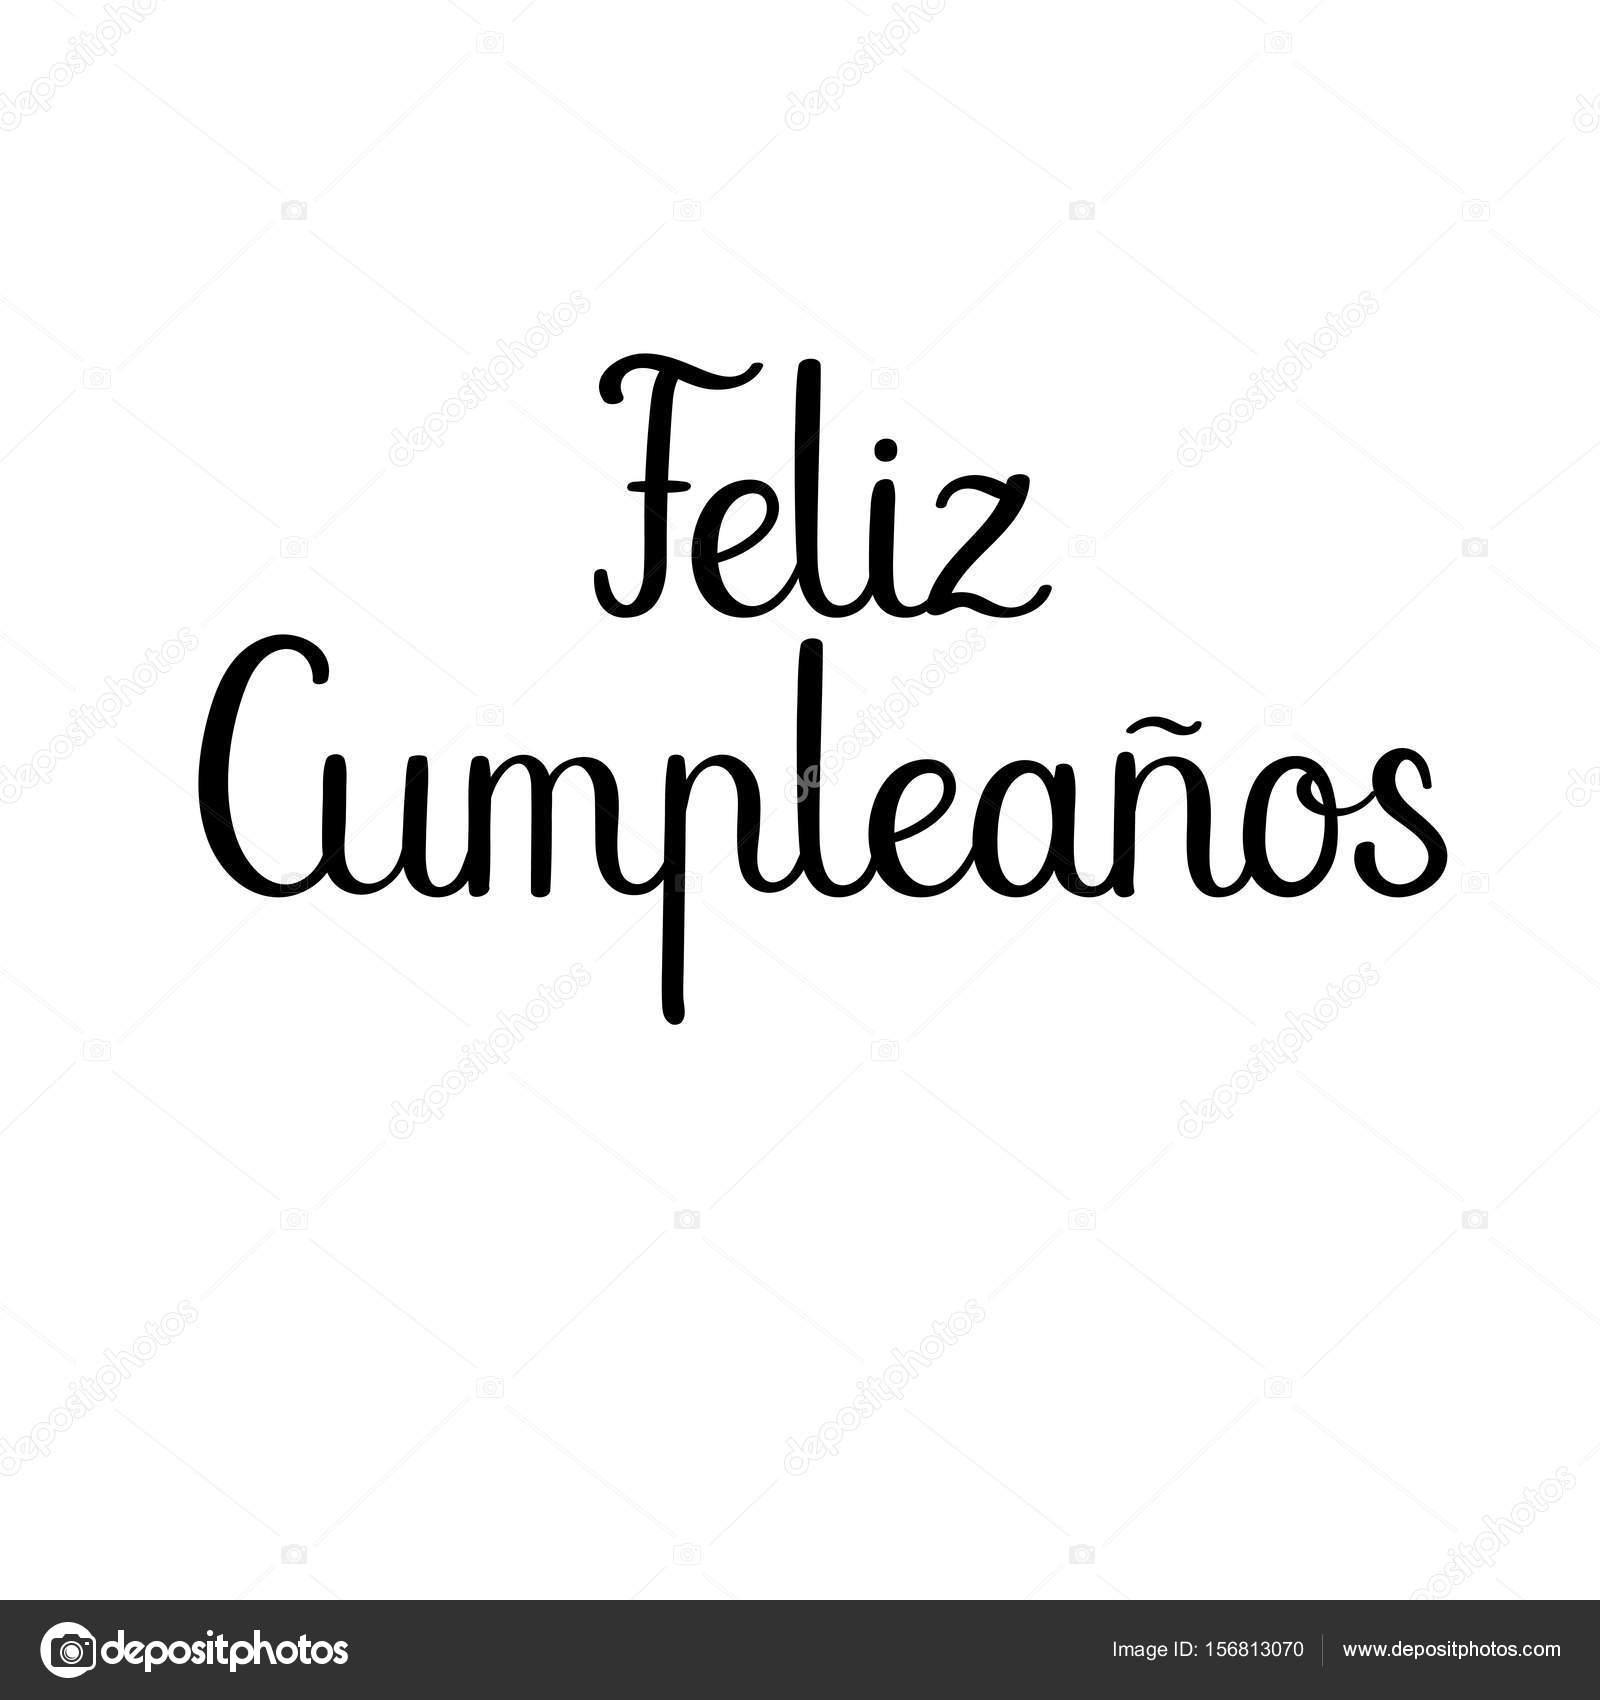 přání k narozeninám ve španělštině Feliz Cumpleanos. Všechno nejlepší k narozeninám ve španělštině  přání k narozeninám ve španělštině